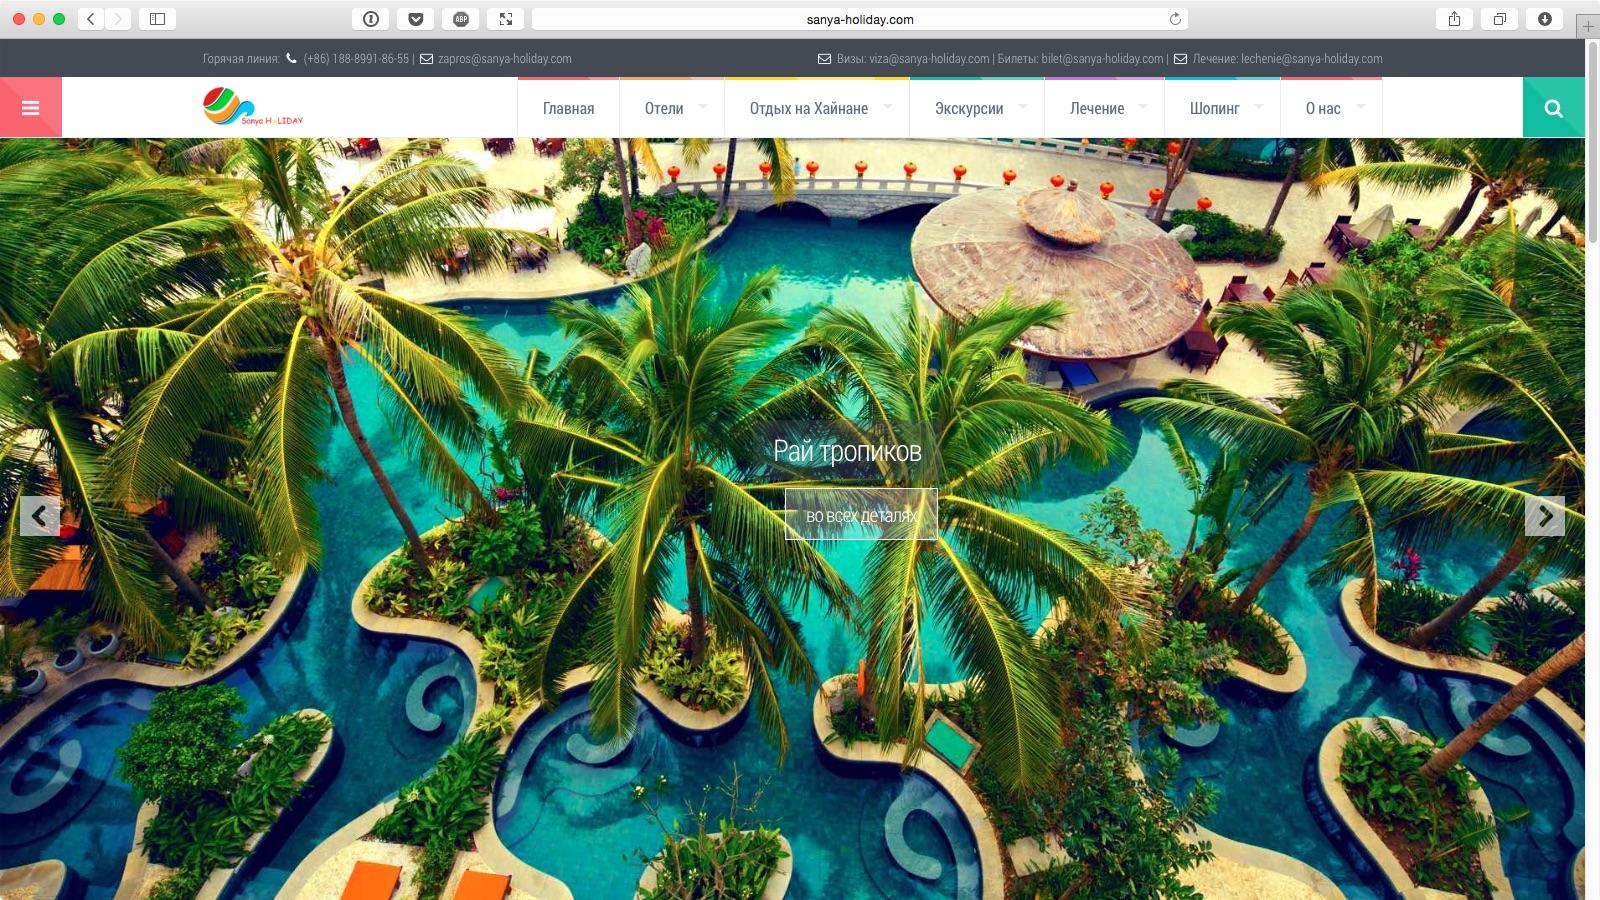 Сайт туристической компании: sanya-holiday.com